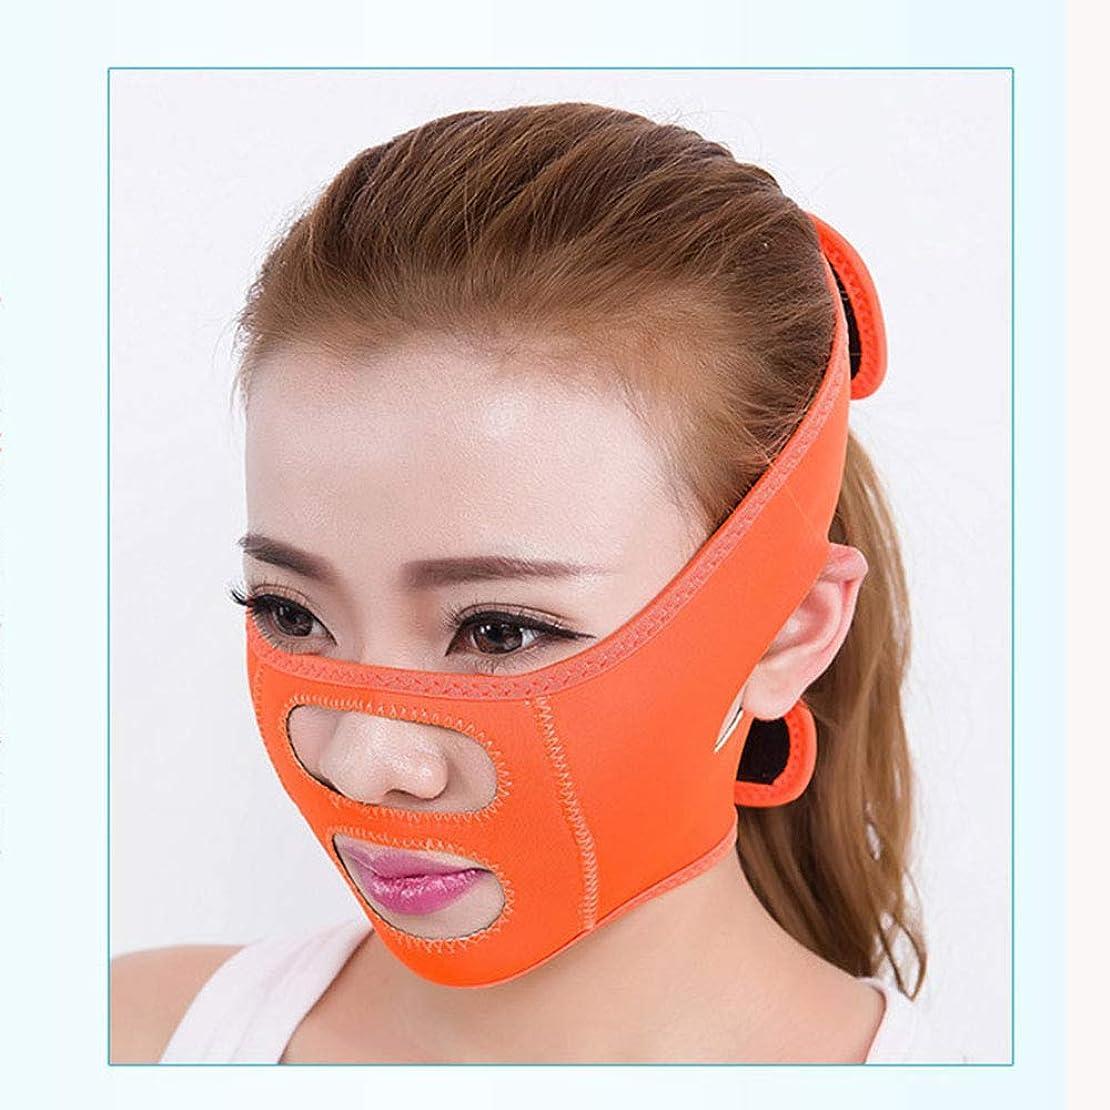 ラショナル矛盾スポットスモールVフェイス睡眠薄い顔ベルト、引き締めと薄い顔の強力な持ち上がる二重あご顔修正包帯,Orange